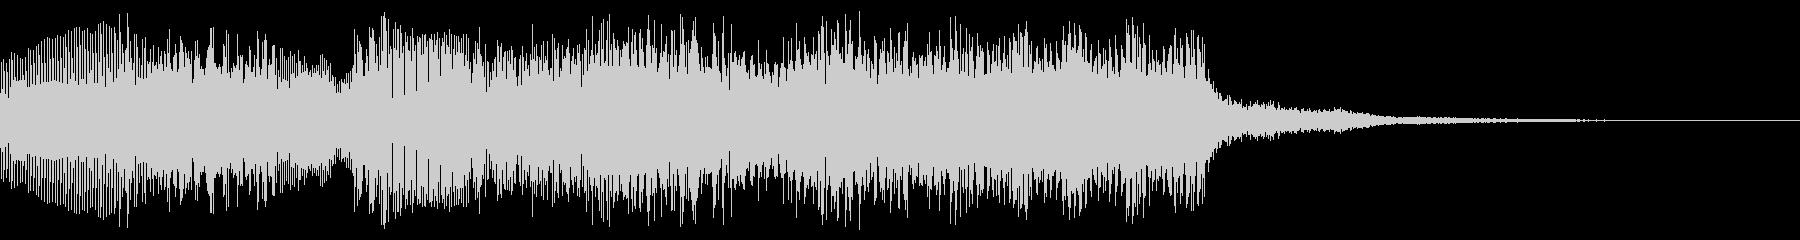 8bit ファミコン風 クリア、場面転換の未再生の波形